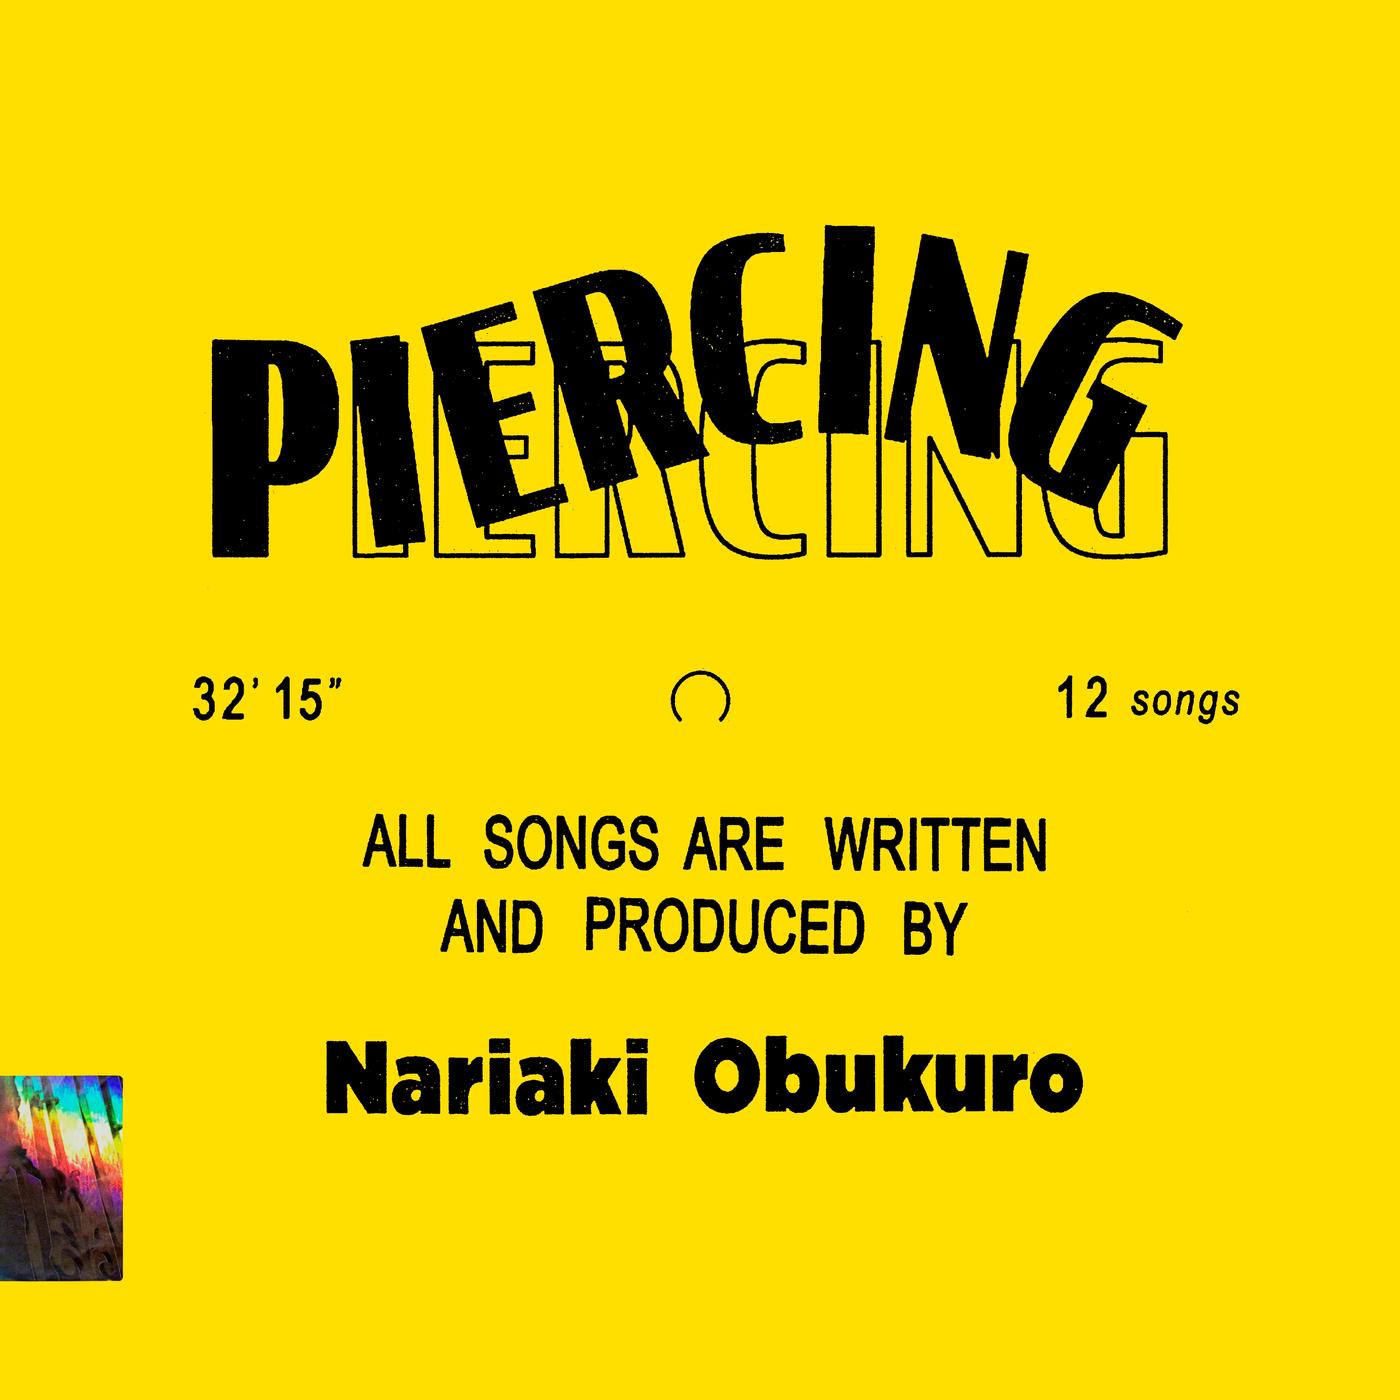 Piercing - Nariaki Obukuro